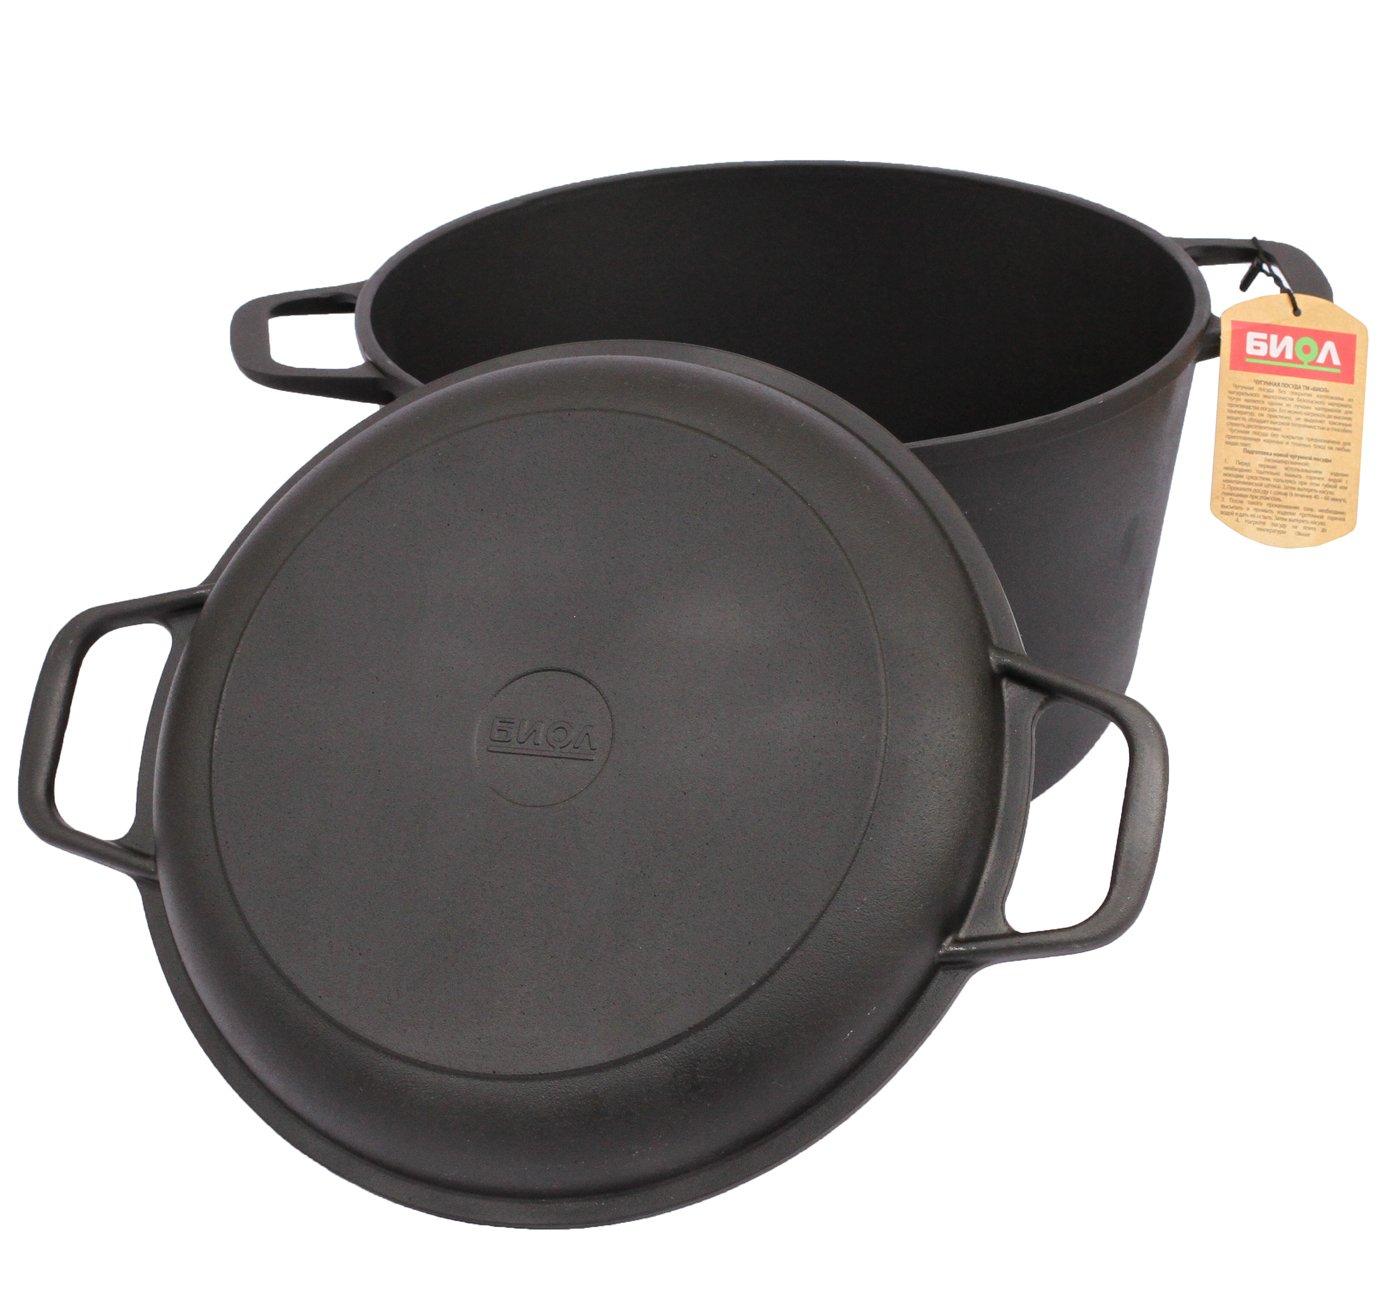 Cast Iron Cooking Pot with Lid 3 6 L /Ø20 6 L 22 26 cm Induction Pan 4